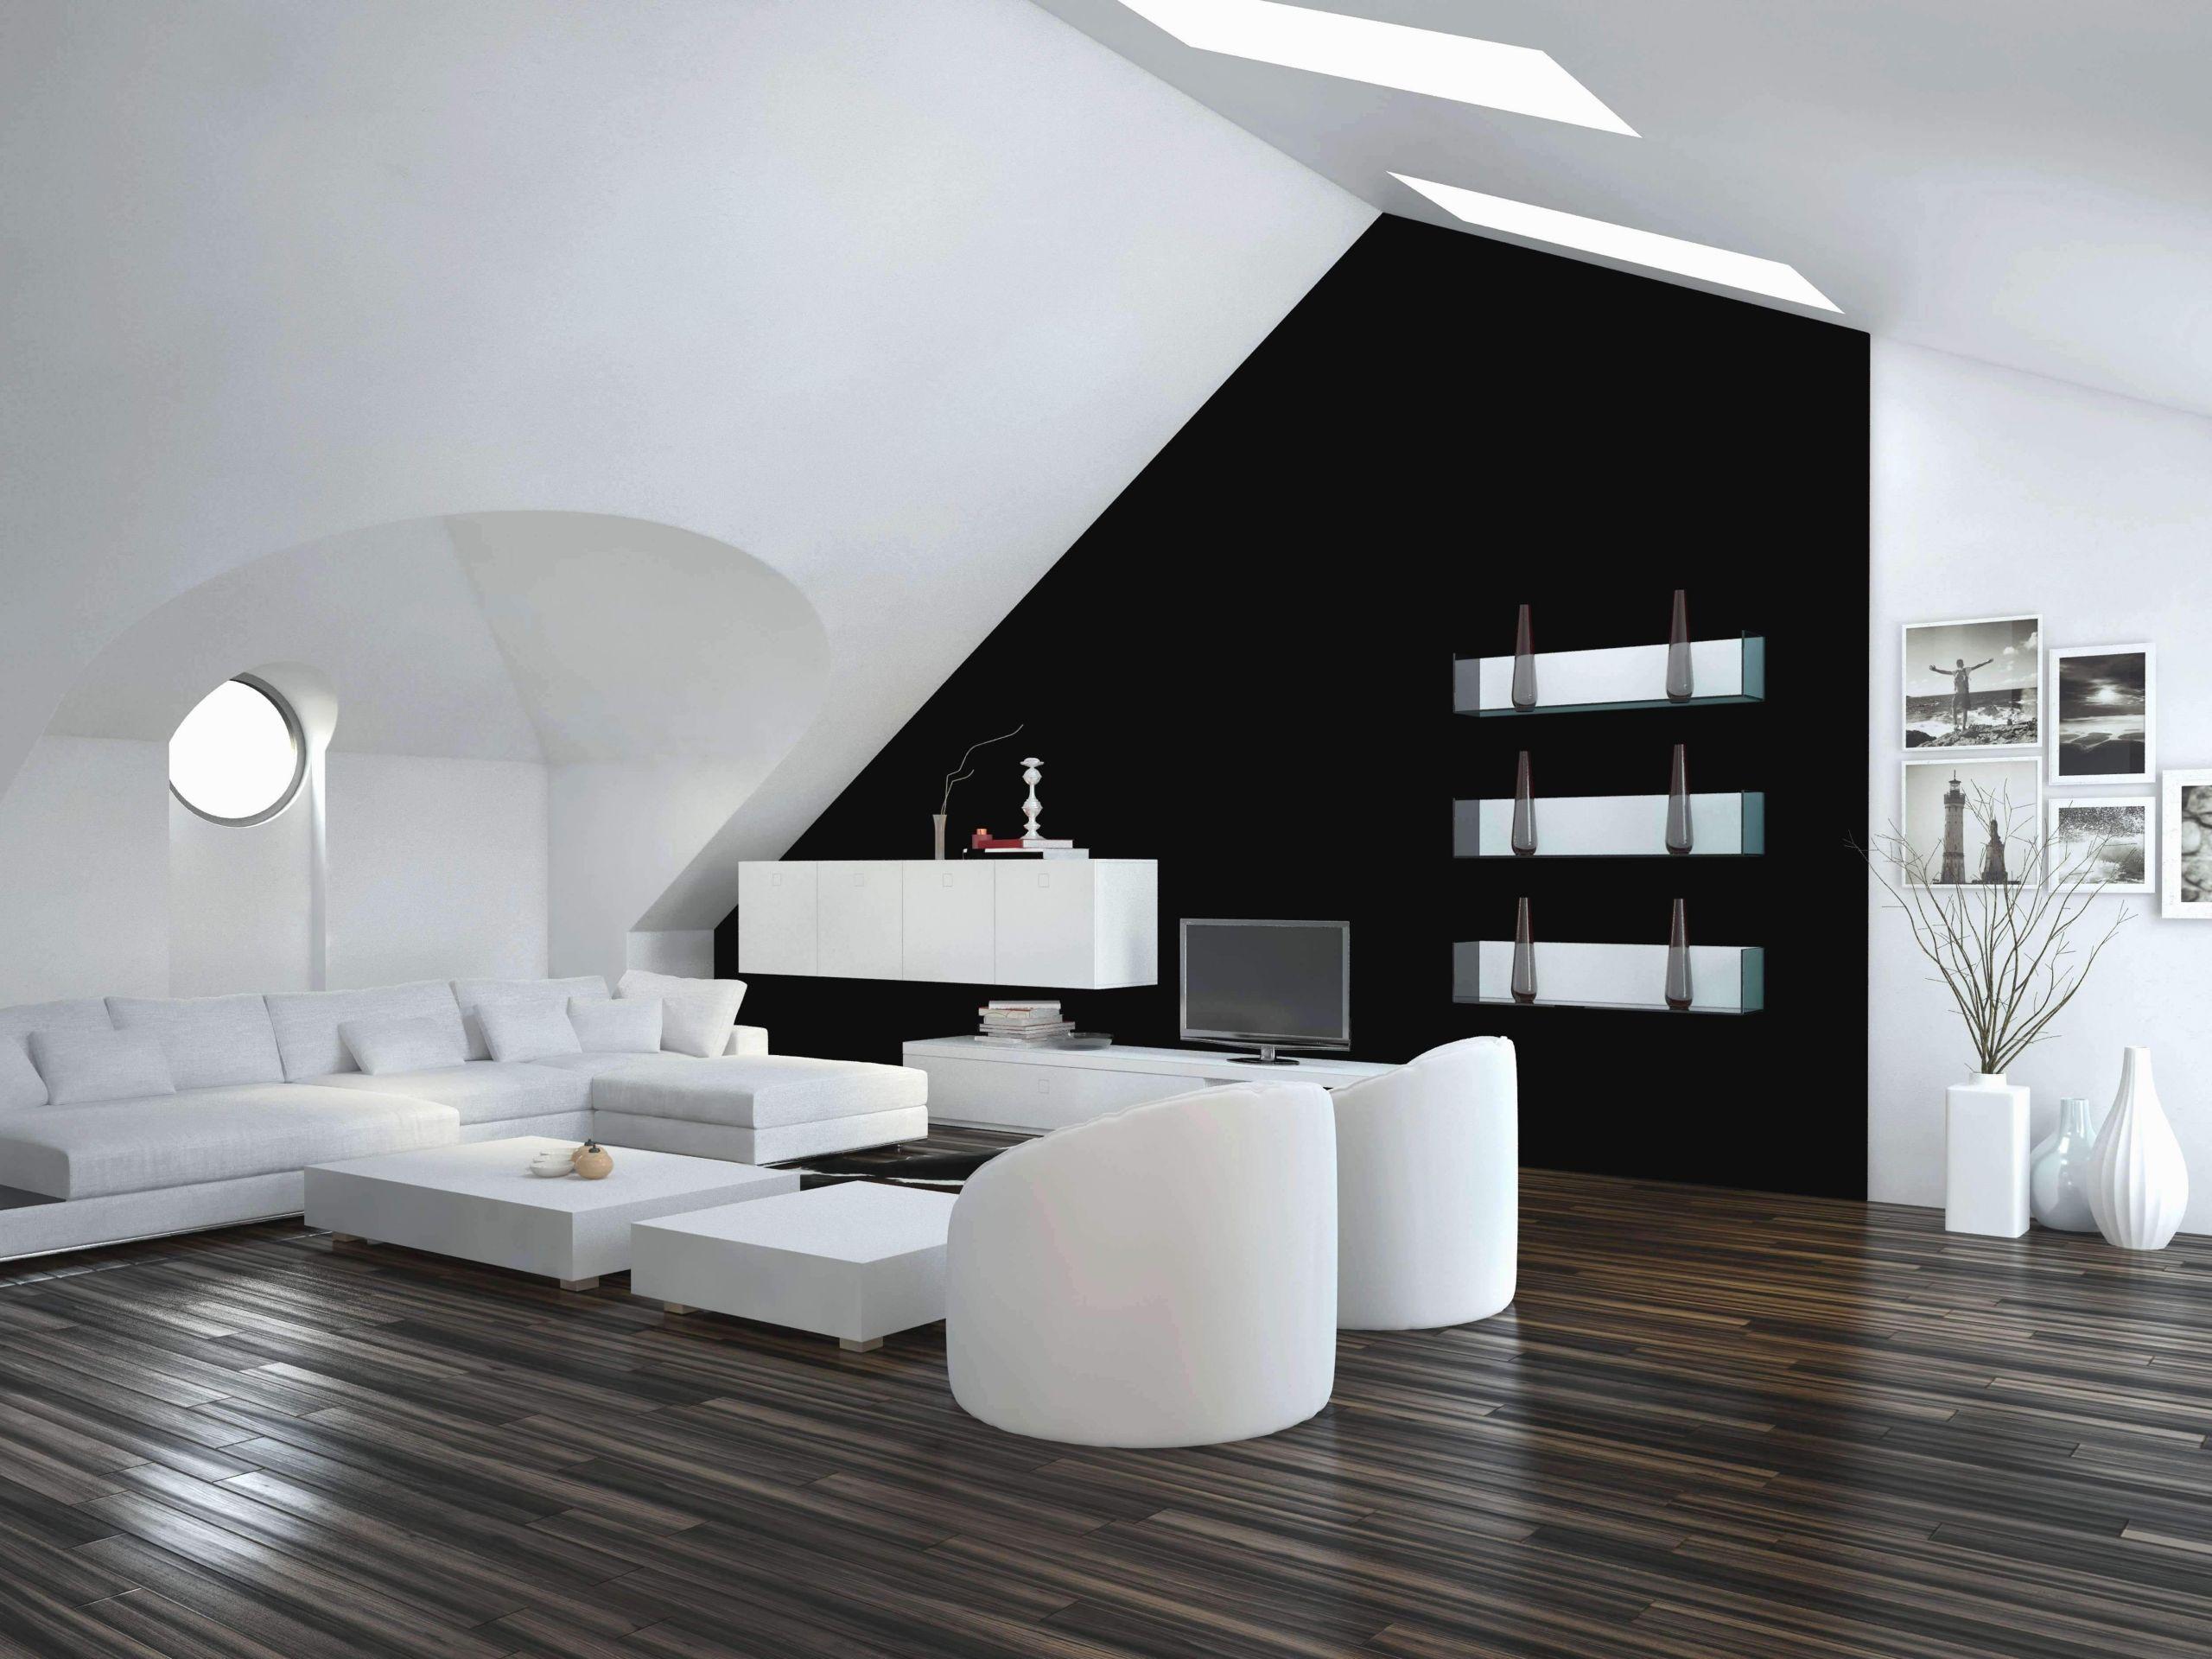 Wanddeko Selber Machen Holz Einzigartig 32 Einzigartig Wanddeko Wohnzimmer Selber Machen Elegant